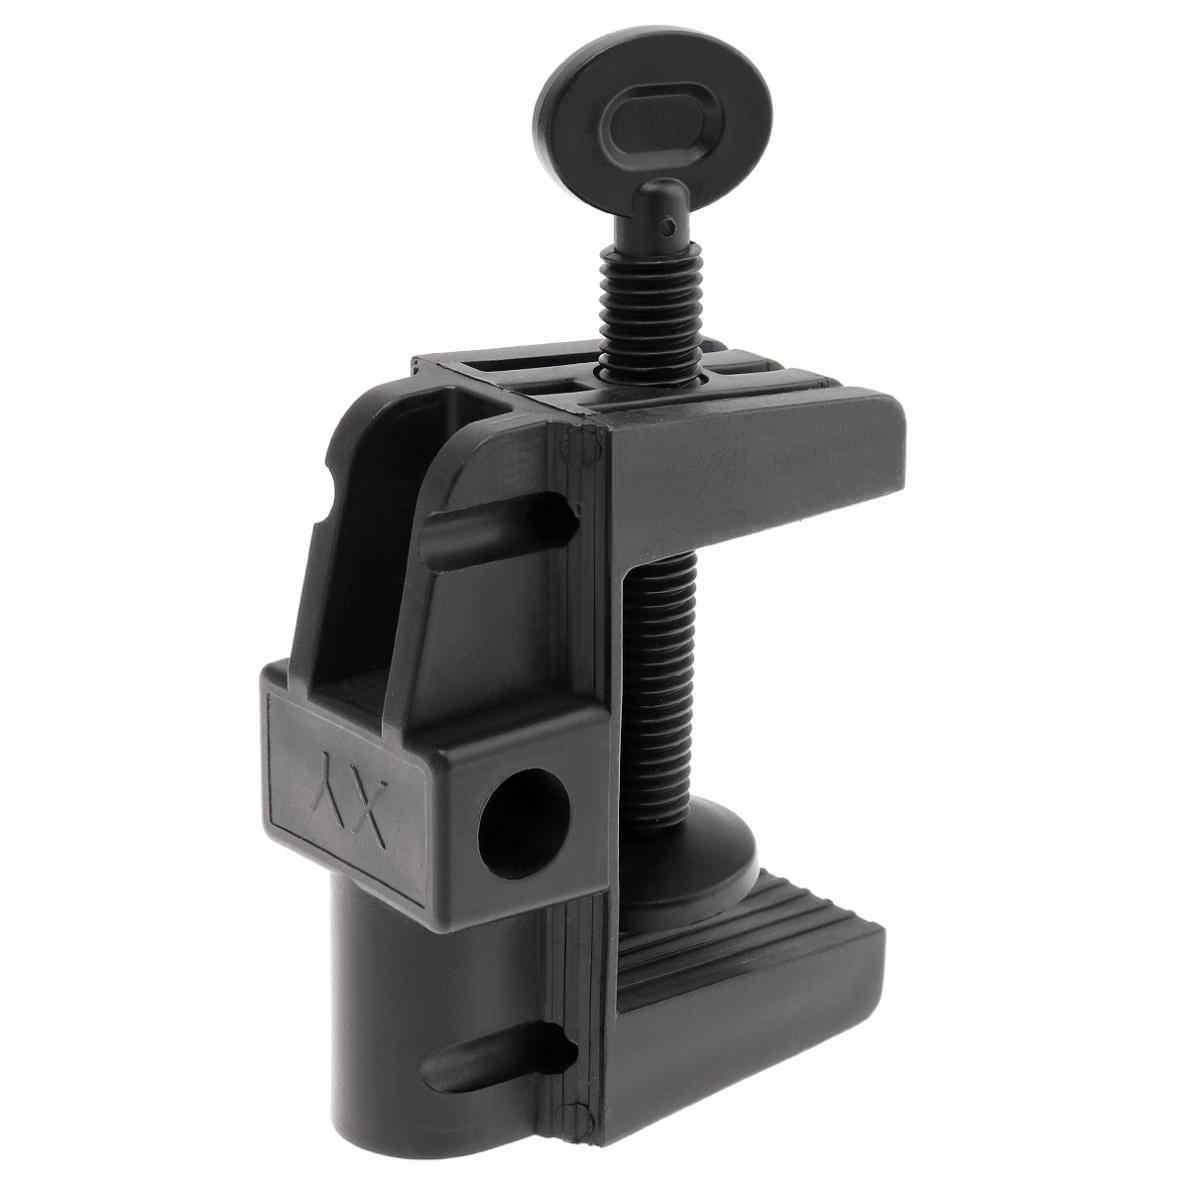 Universal Bracket CLAMP อุปกรณ์เสริม DIY โลหะคลิปอุปกรณ์สกรูยึดสำหรับไมโครโฟนโคมไฟตั้งโต๊ะโคมไฟ